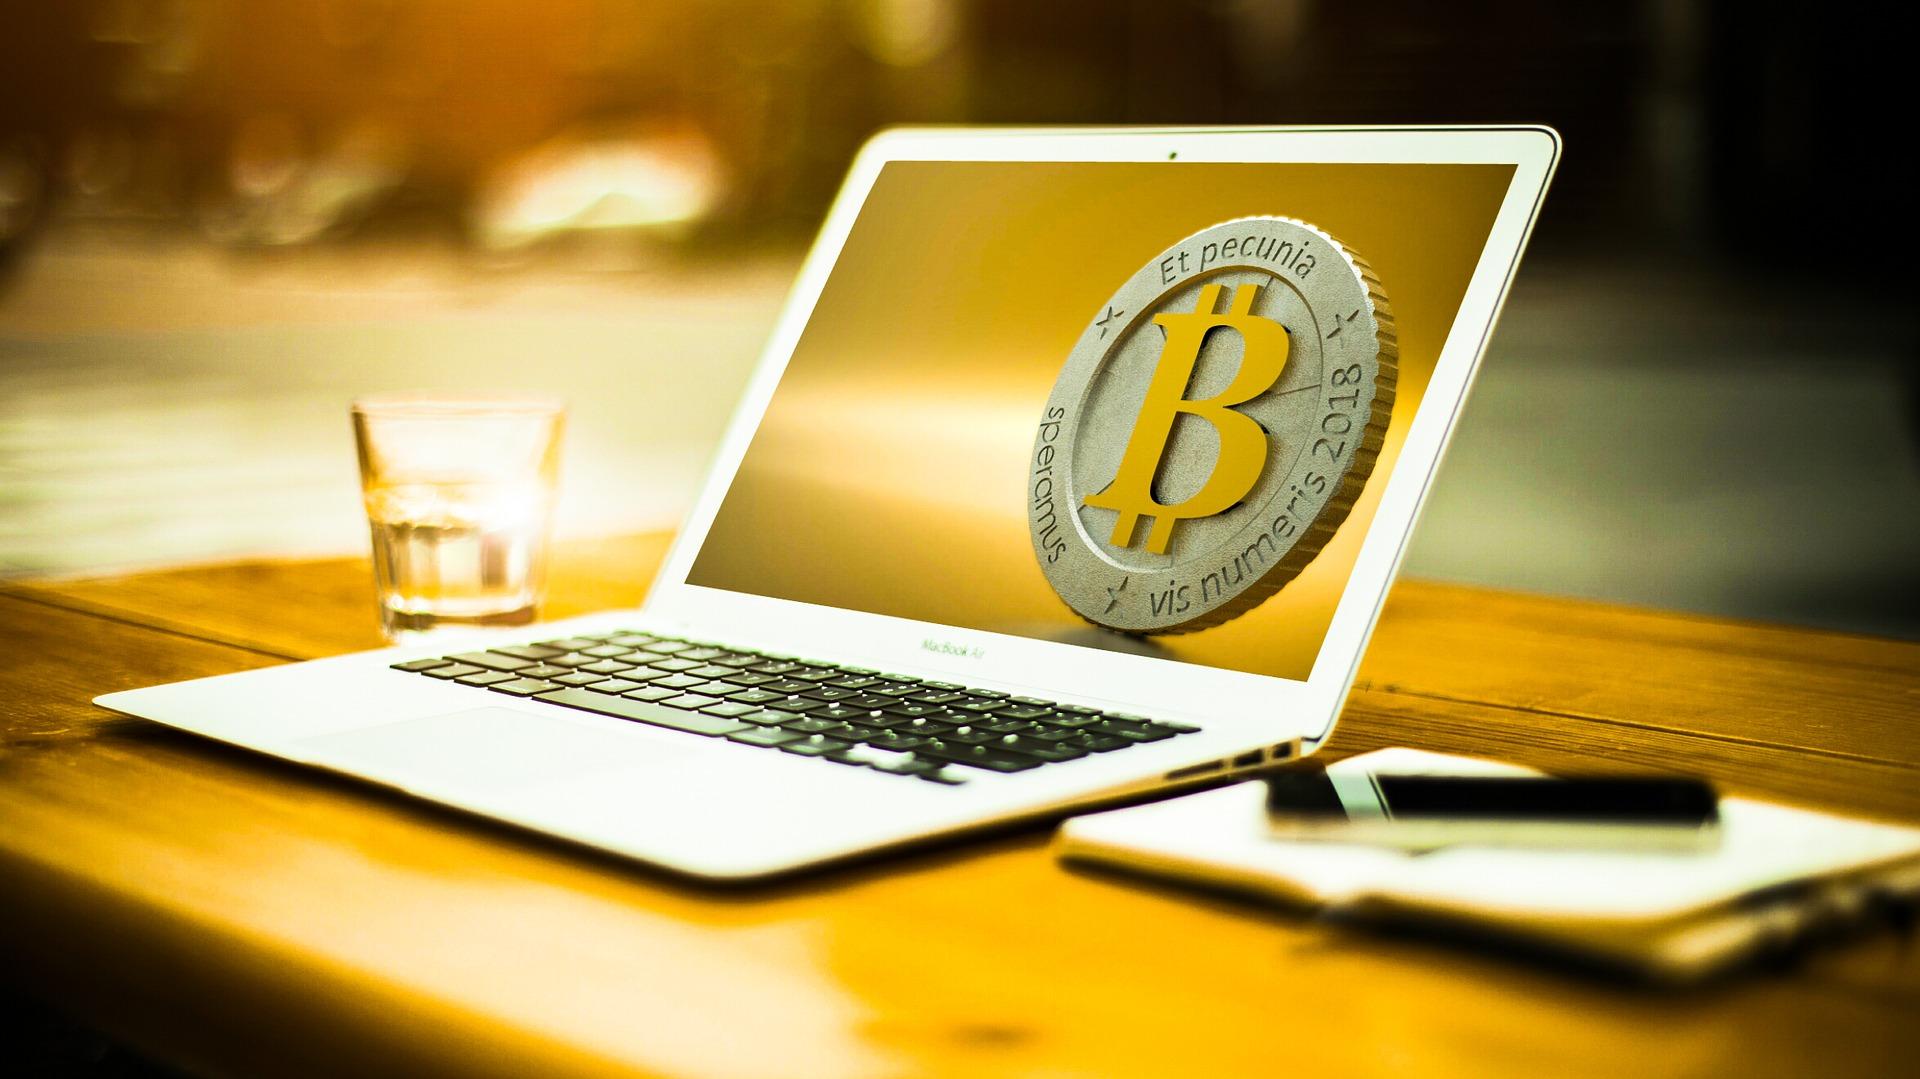 bitcoin-3090250_1920.jpg